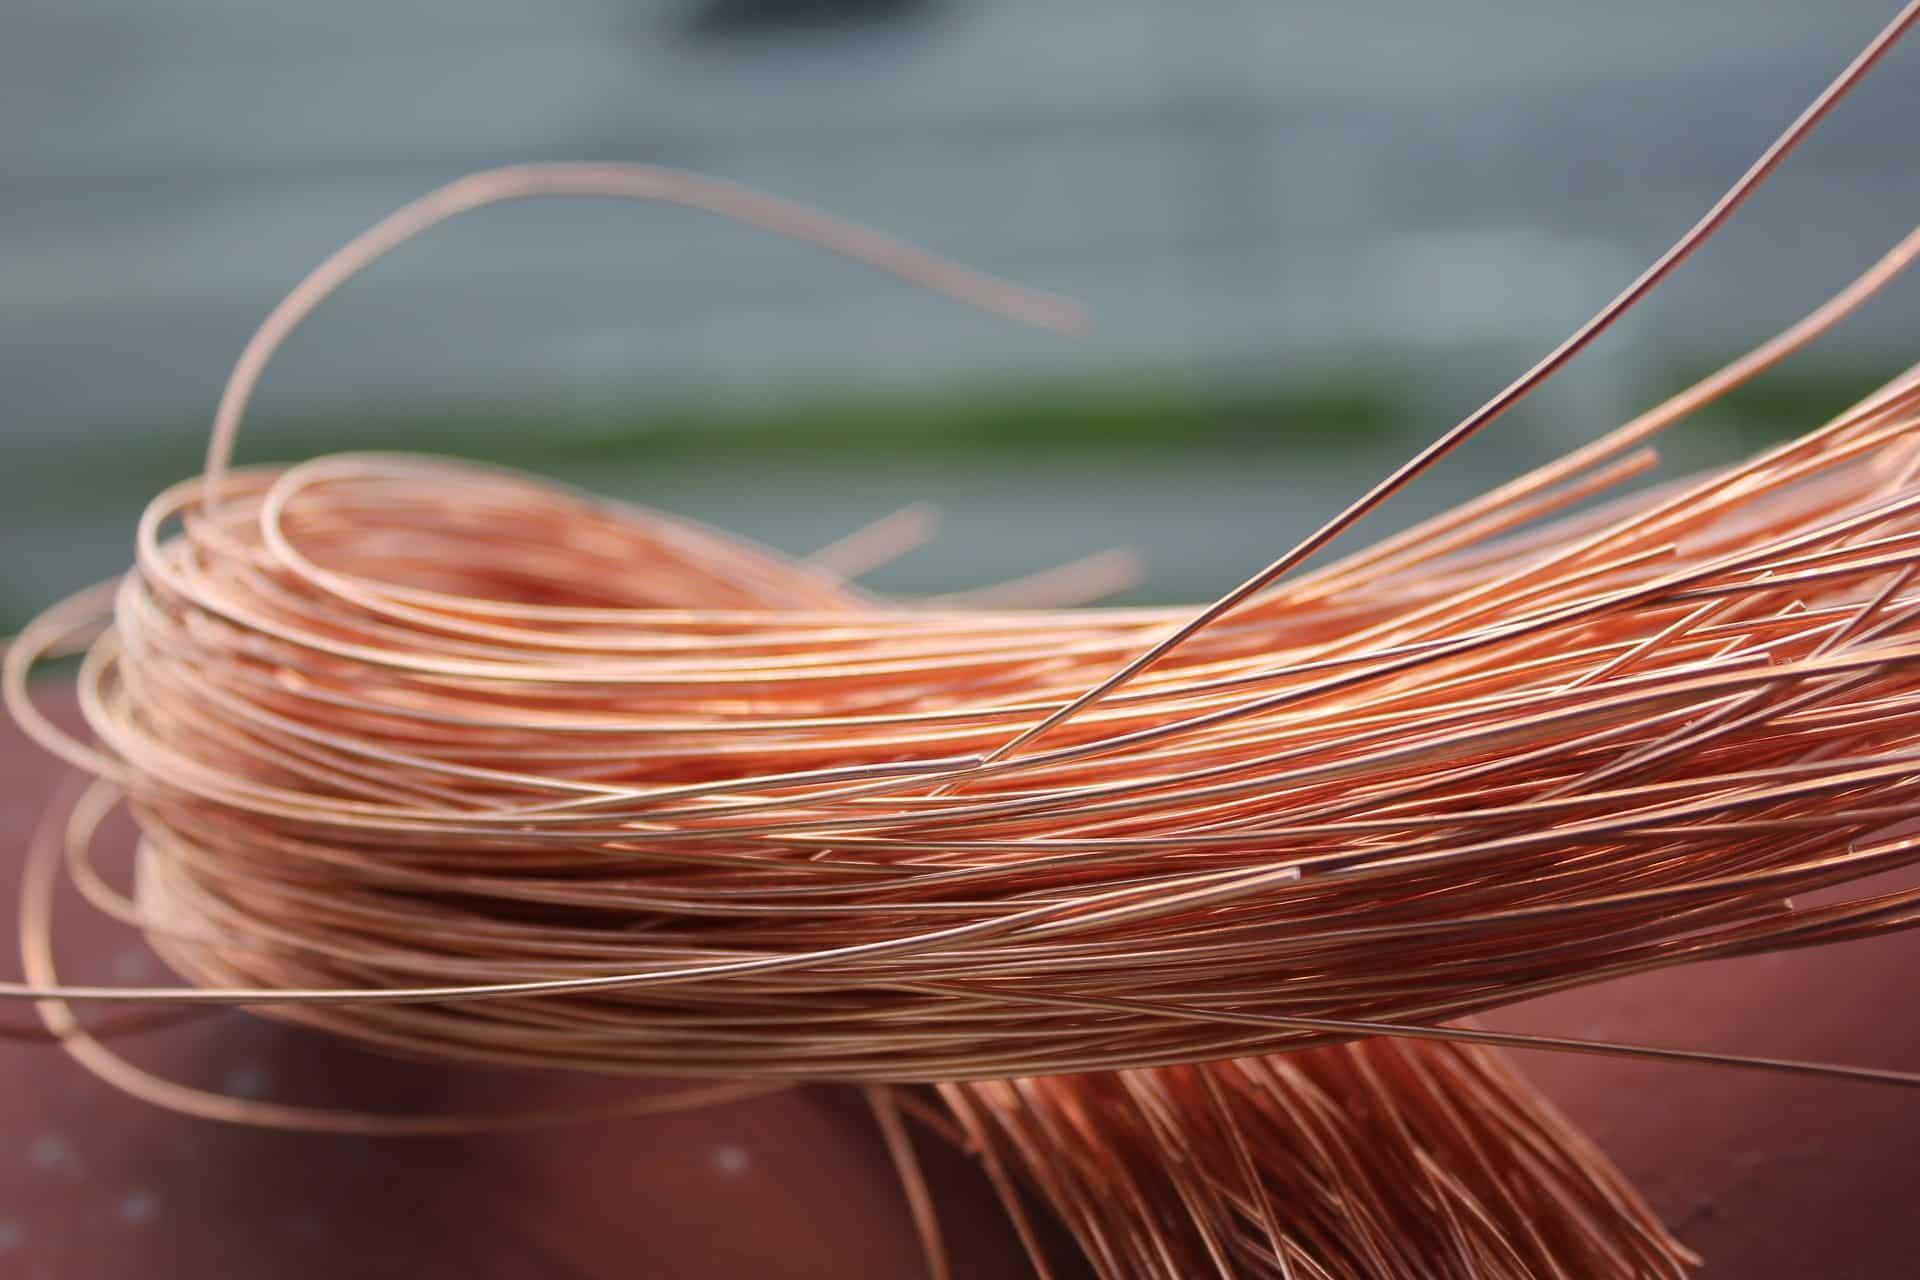 copper-1711056_1920